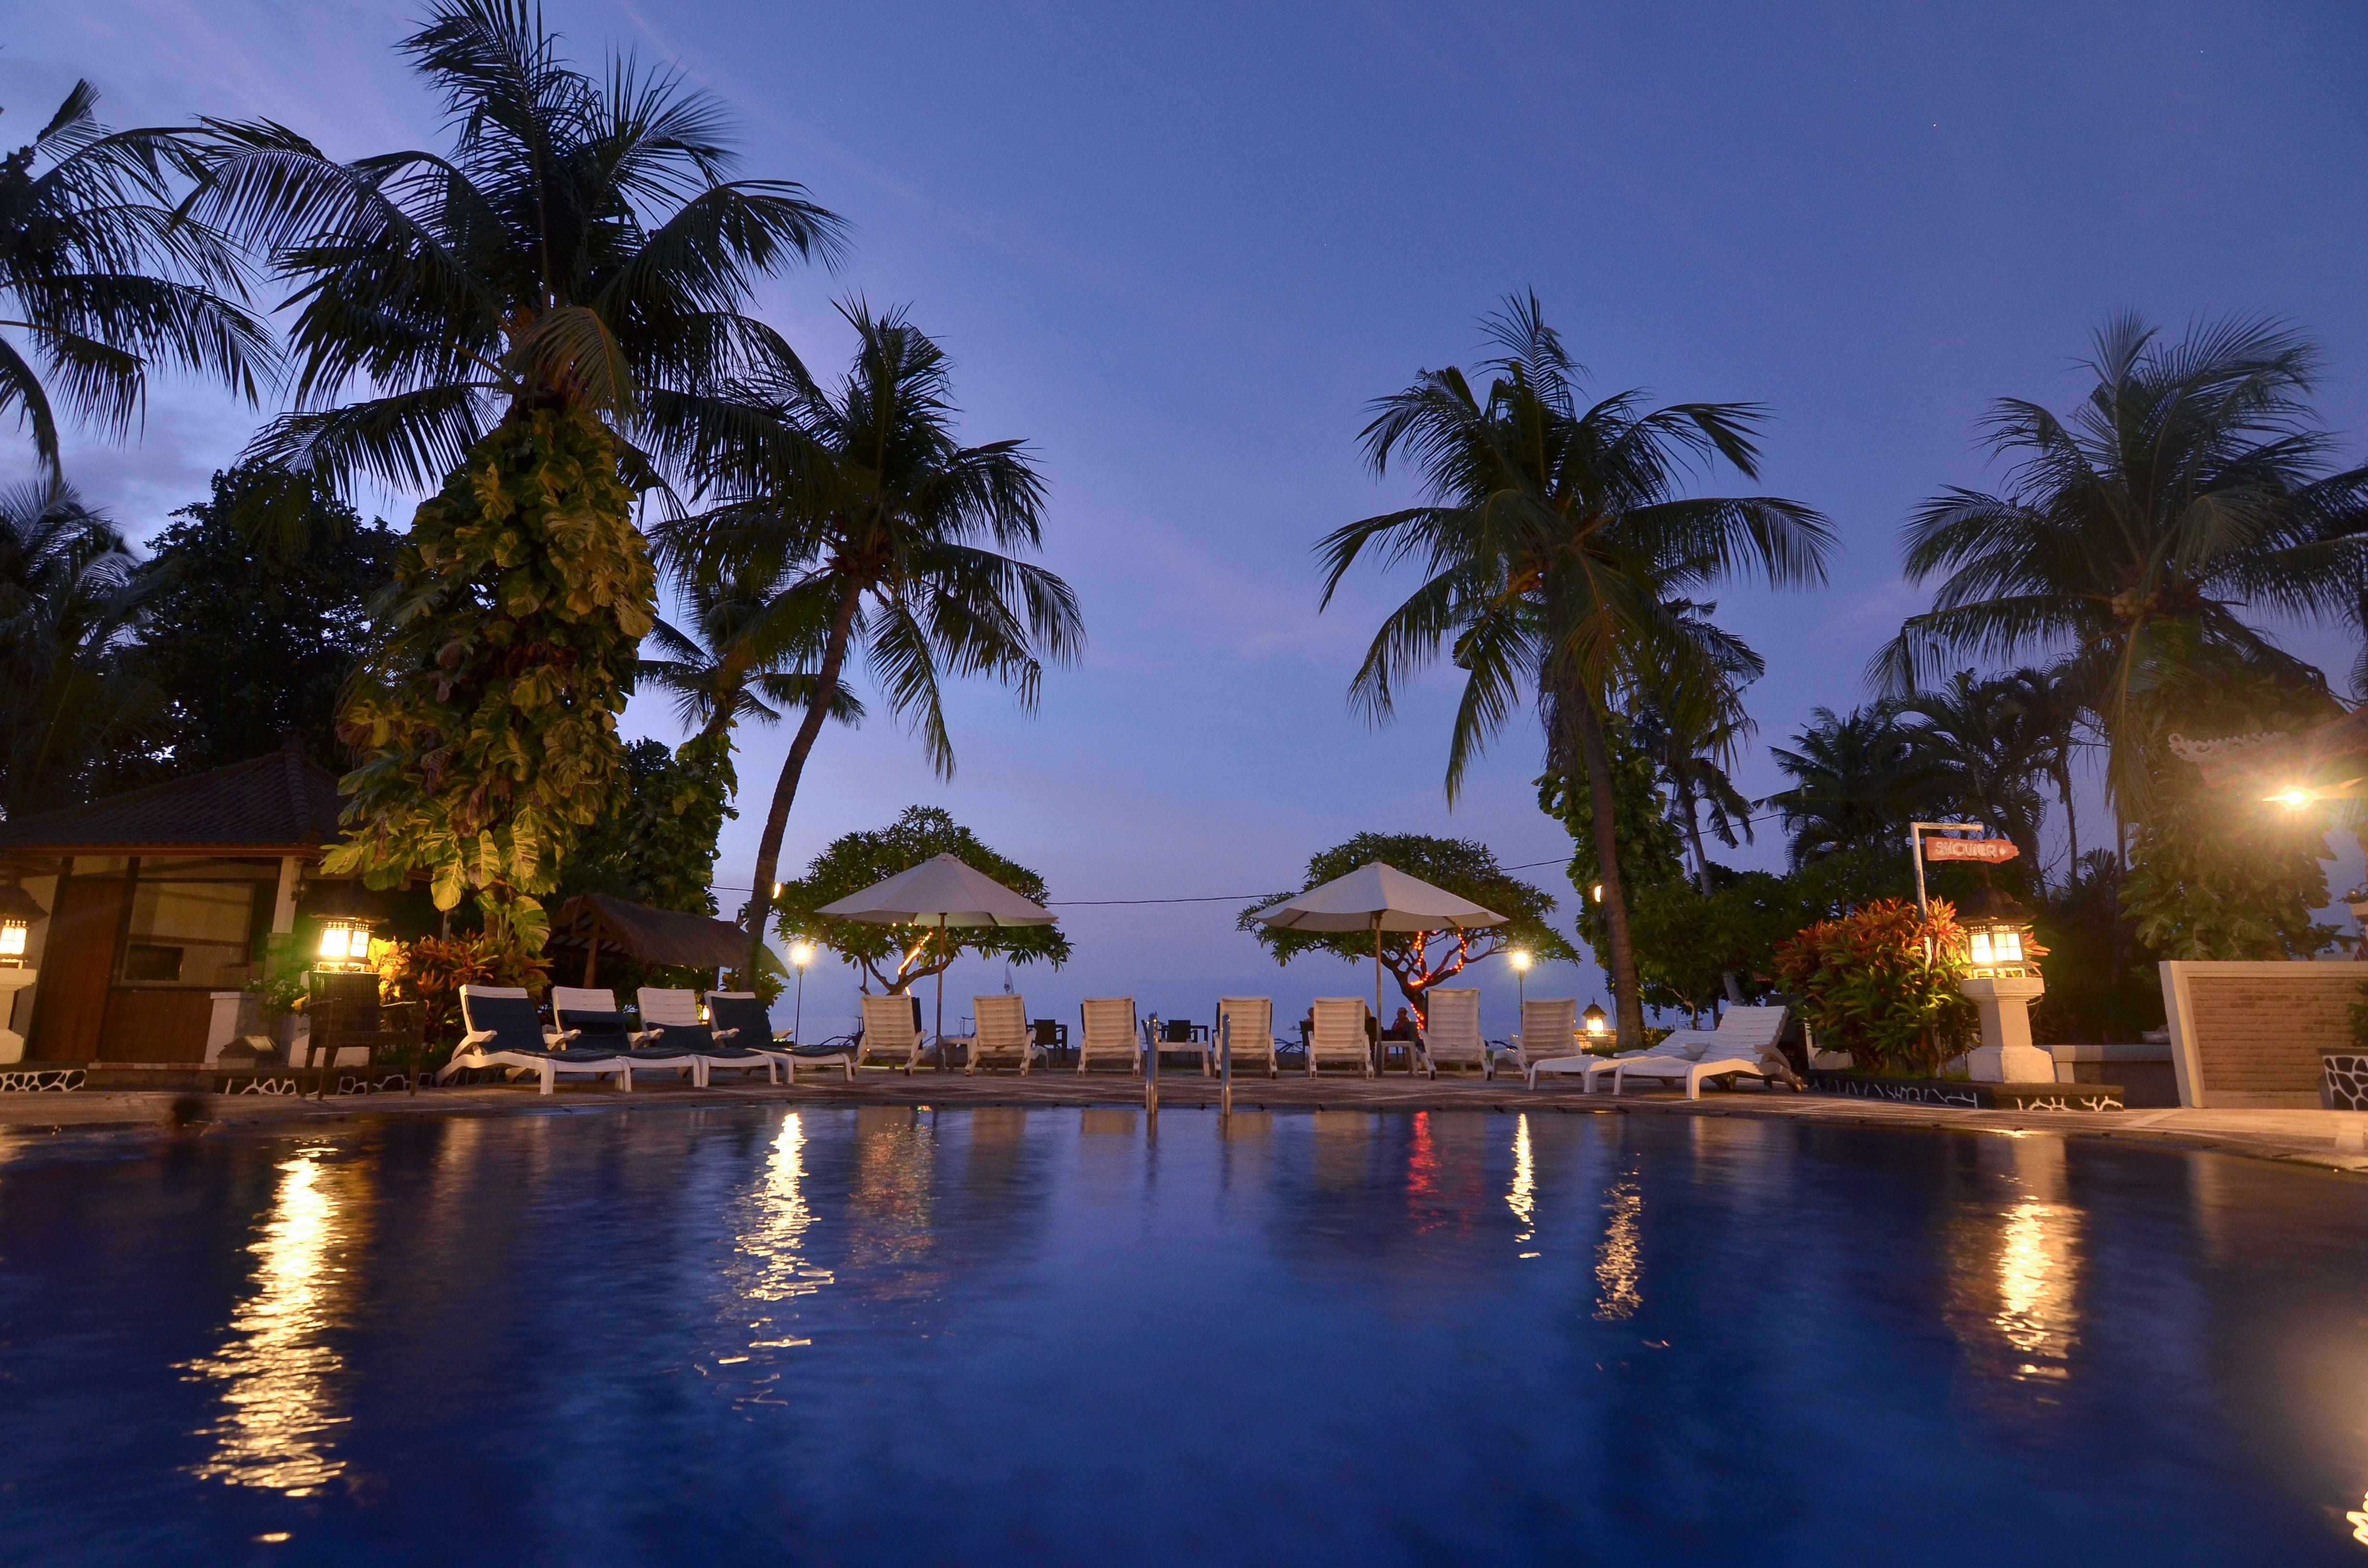 Aneka Lovina Villas and Spa, Buleleng